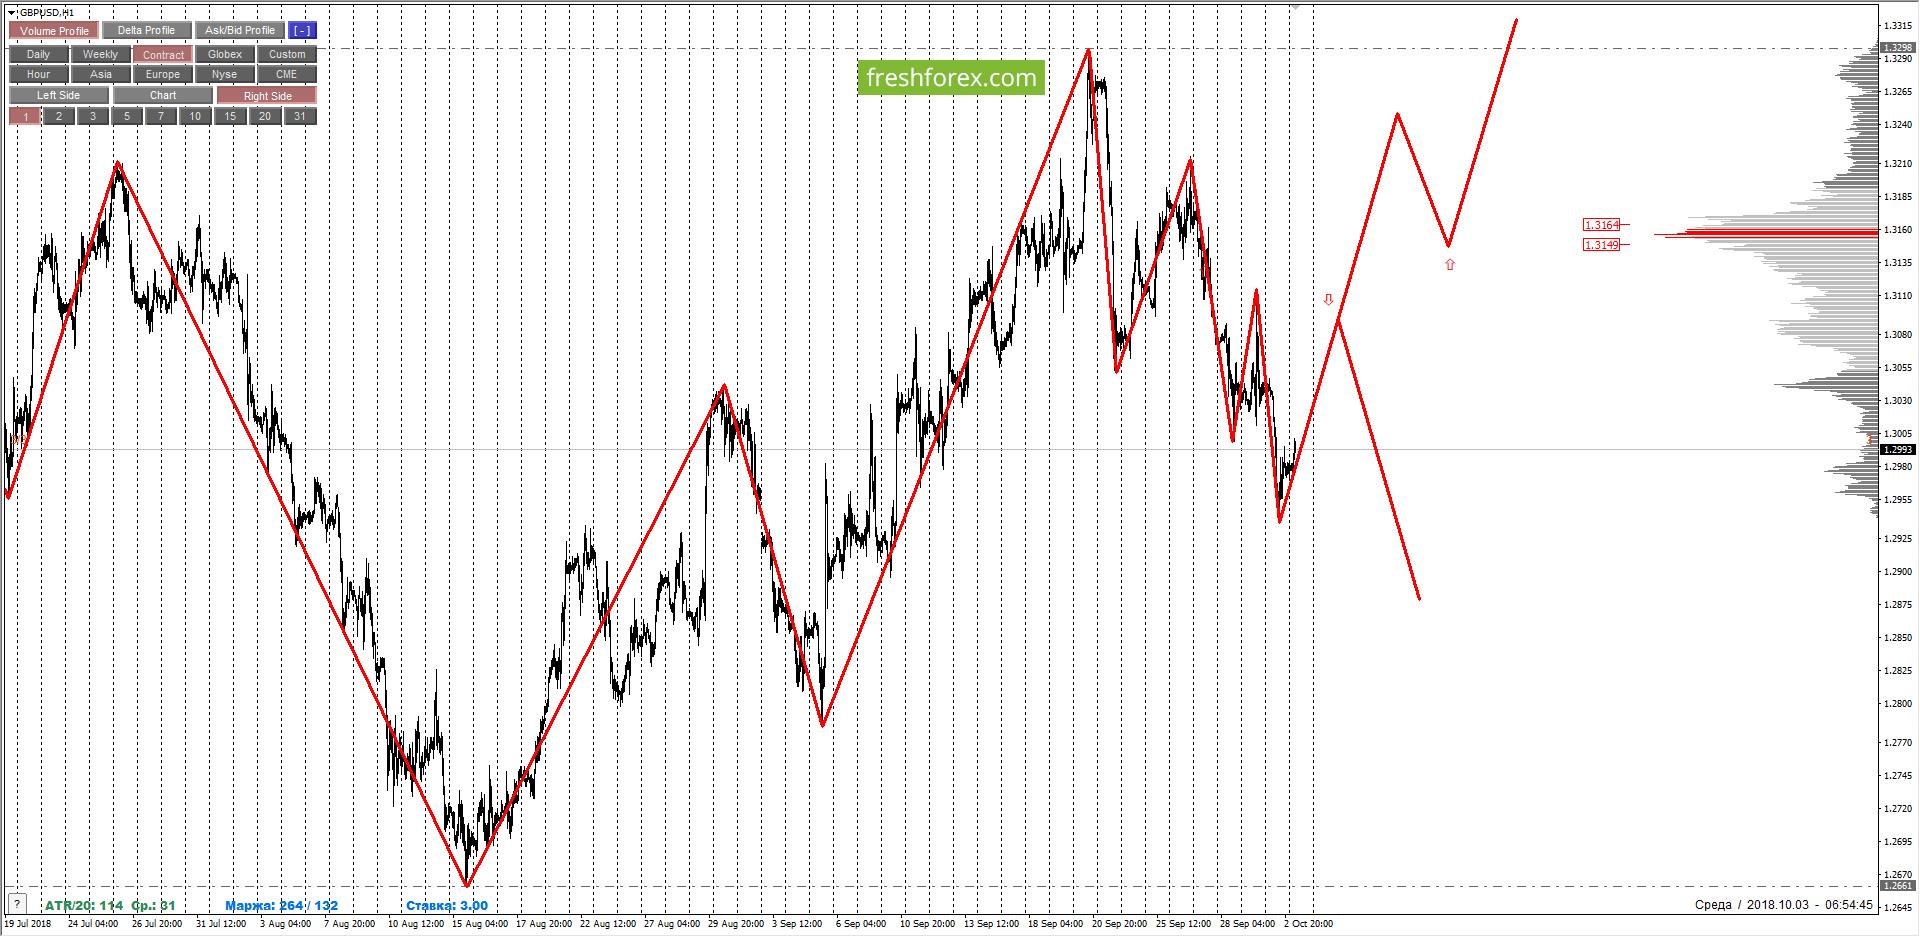 GBPUSD: Усиление признаков шортового тренда. Среднесрочные продажи в приоритете.